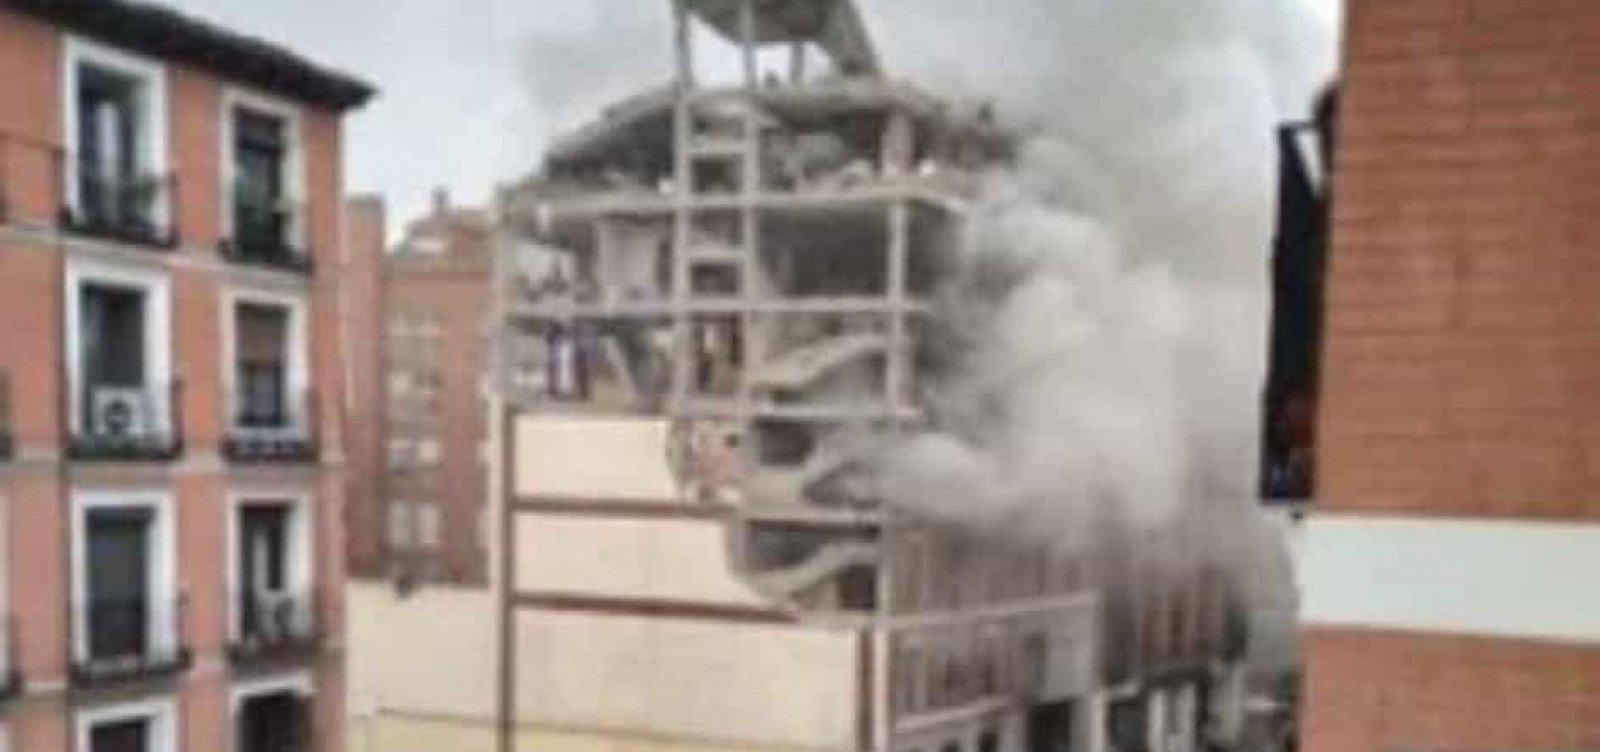 Explosão em Madri deixa ao menos três mortos